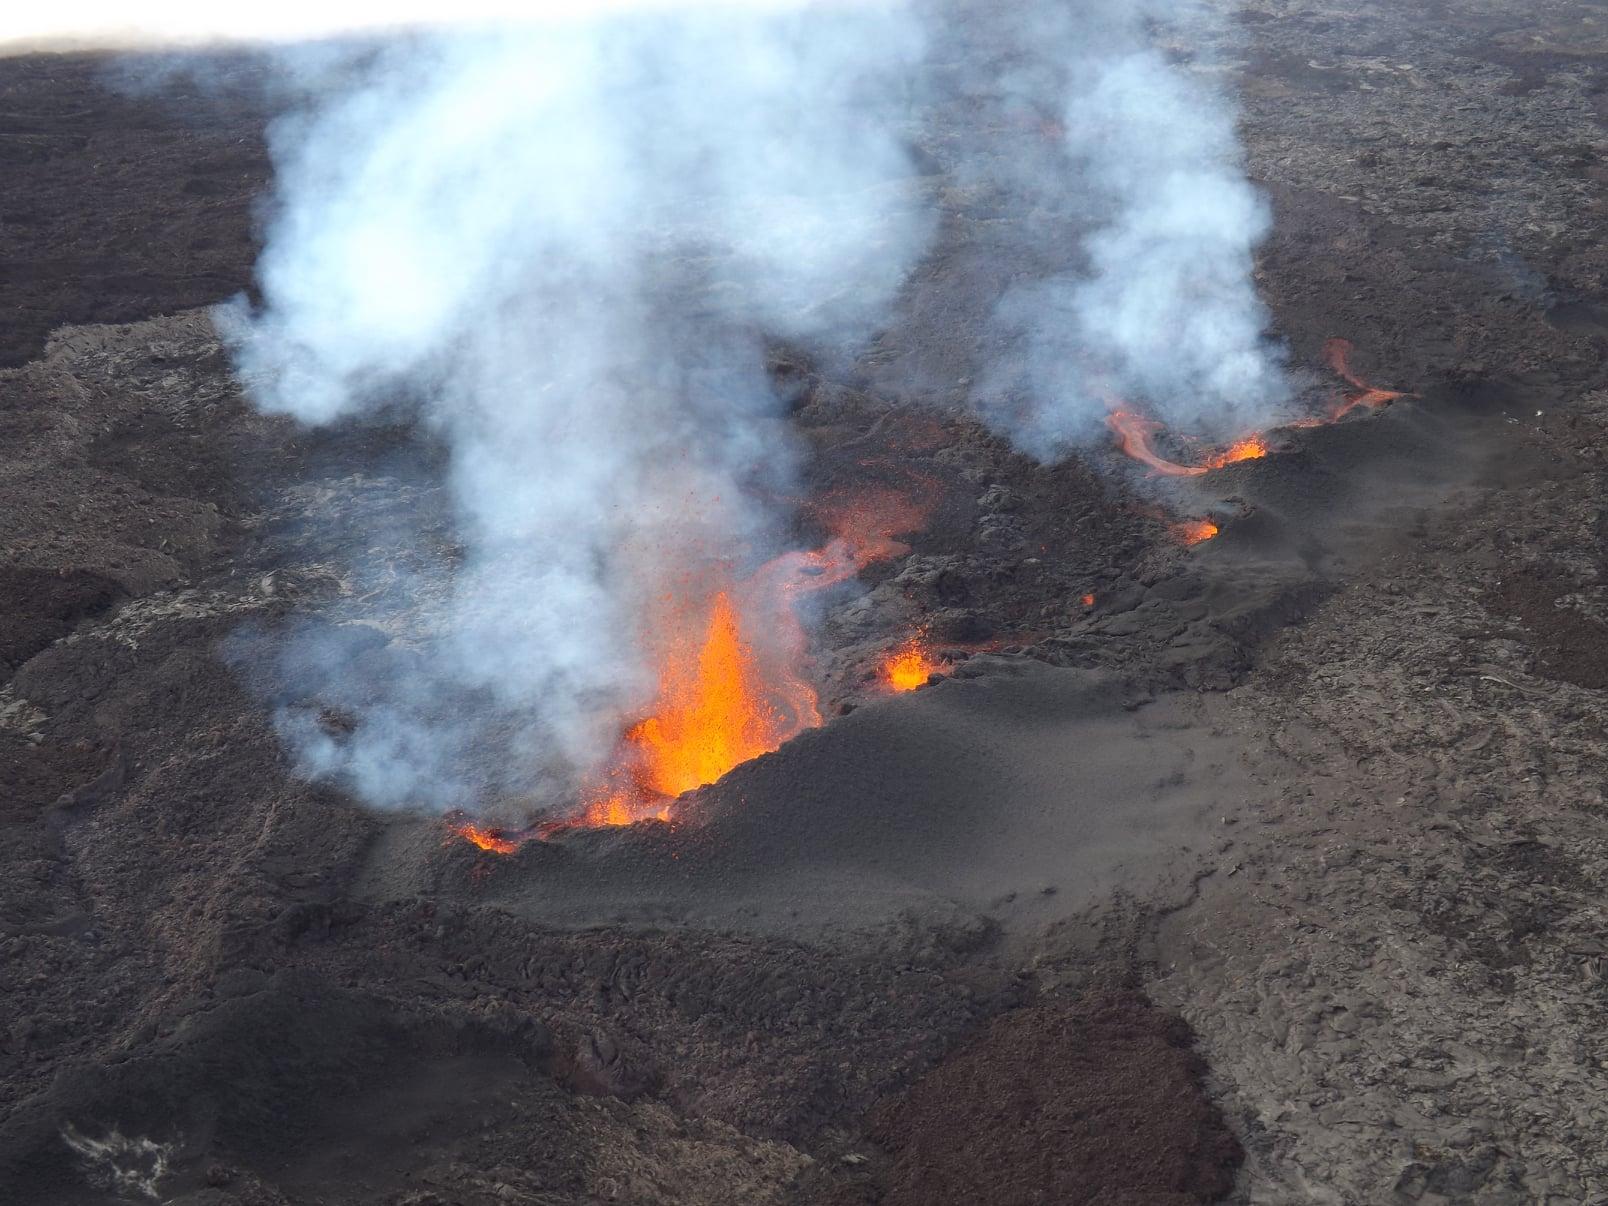 D'après les enregistrements de l'Observatoire Volcanique, la crise sismique a débuté vendredi 9 avril 2021 vers 15h00 et sa source est localisée sur le flanc sud du volcan à l'intérieur de l'Enclos. - ©OVPF-IPGP